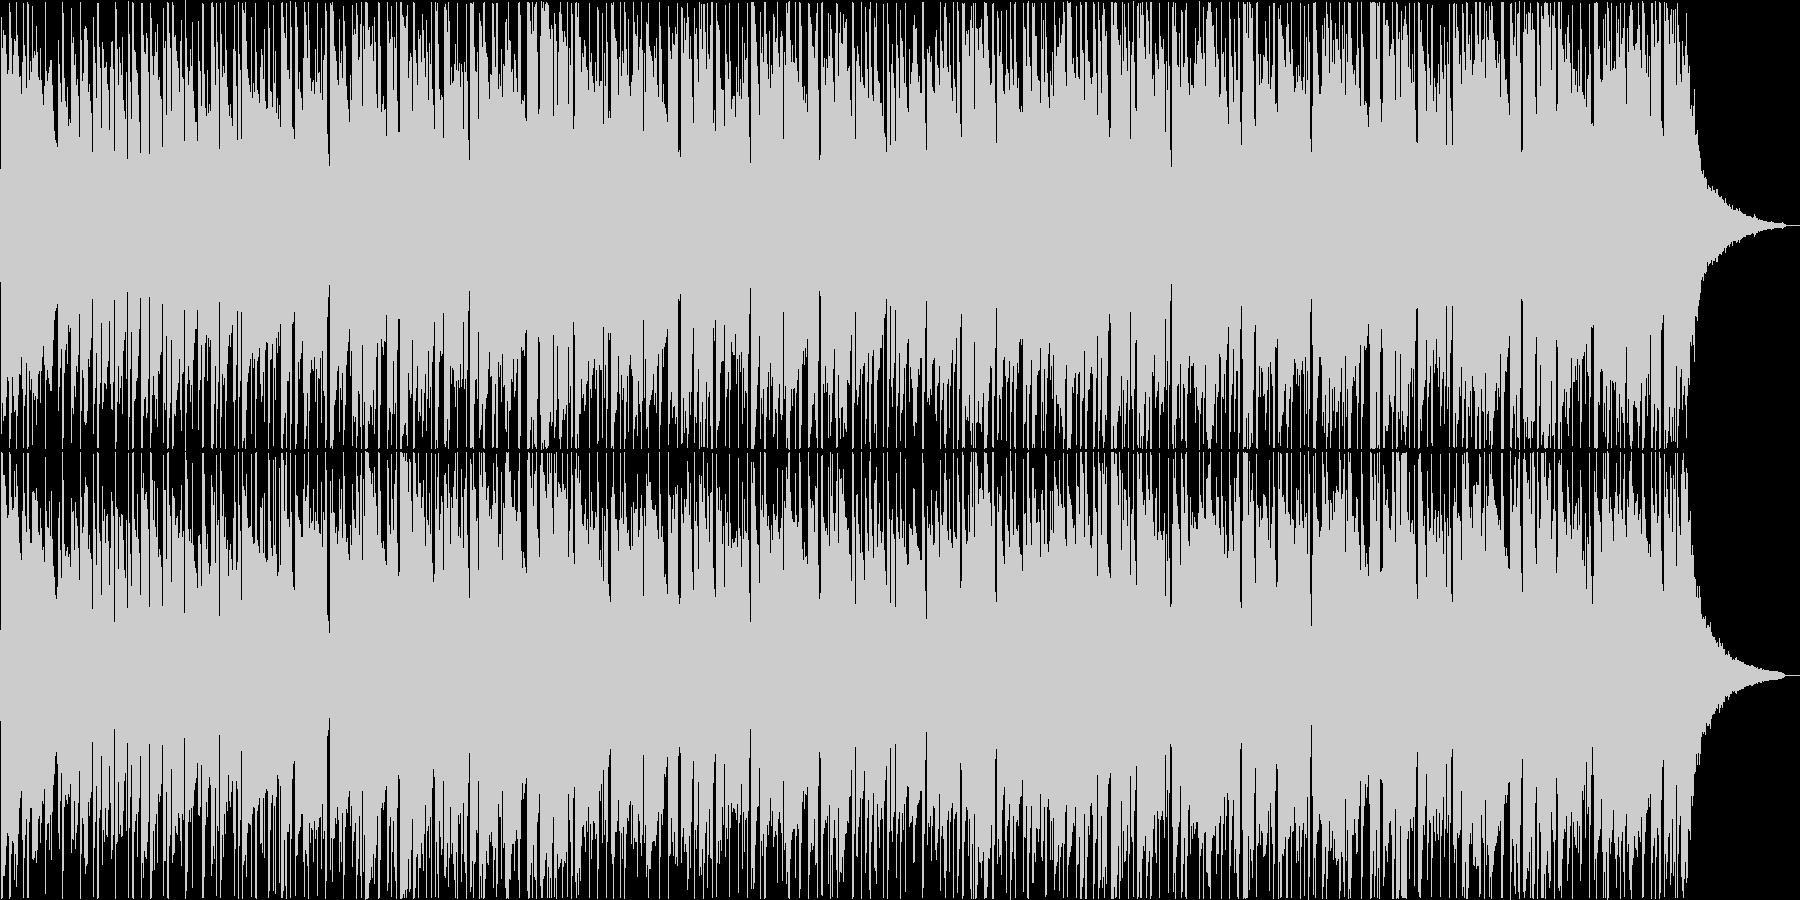 アコギとピアノが爽やか・軽快なポップスの未再生の波形